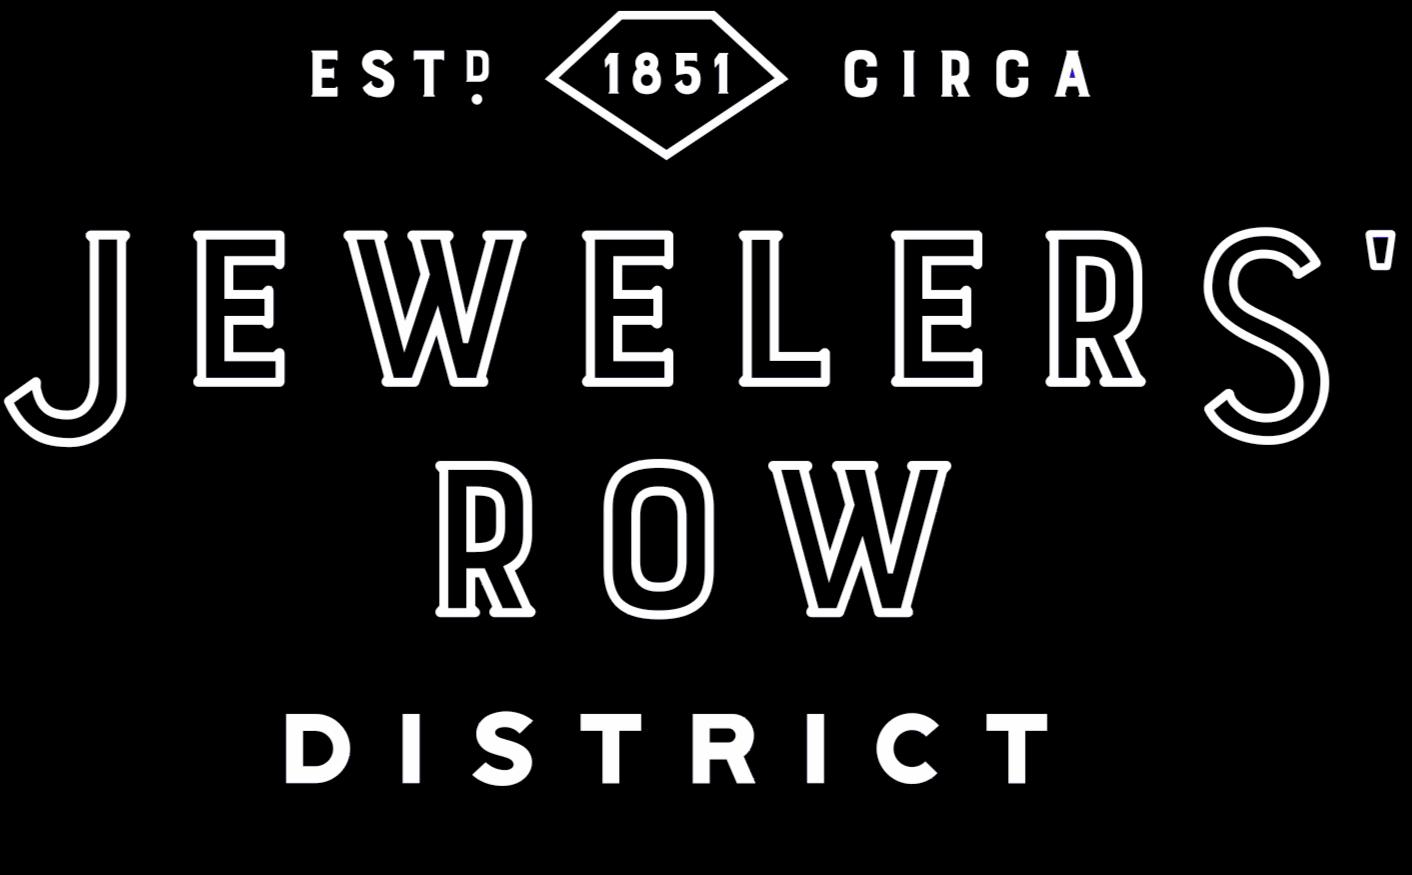 Philadelphia Jewelers' Row District